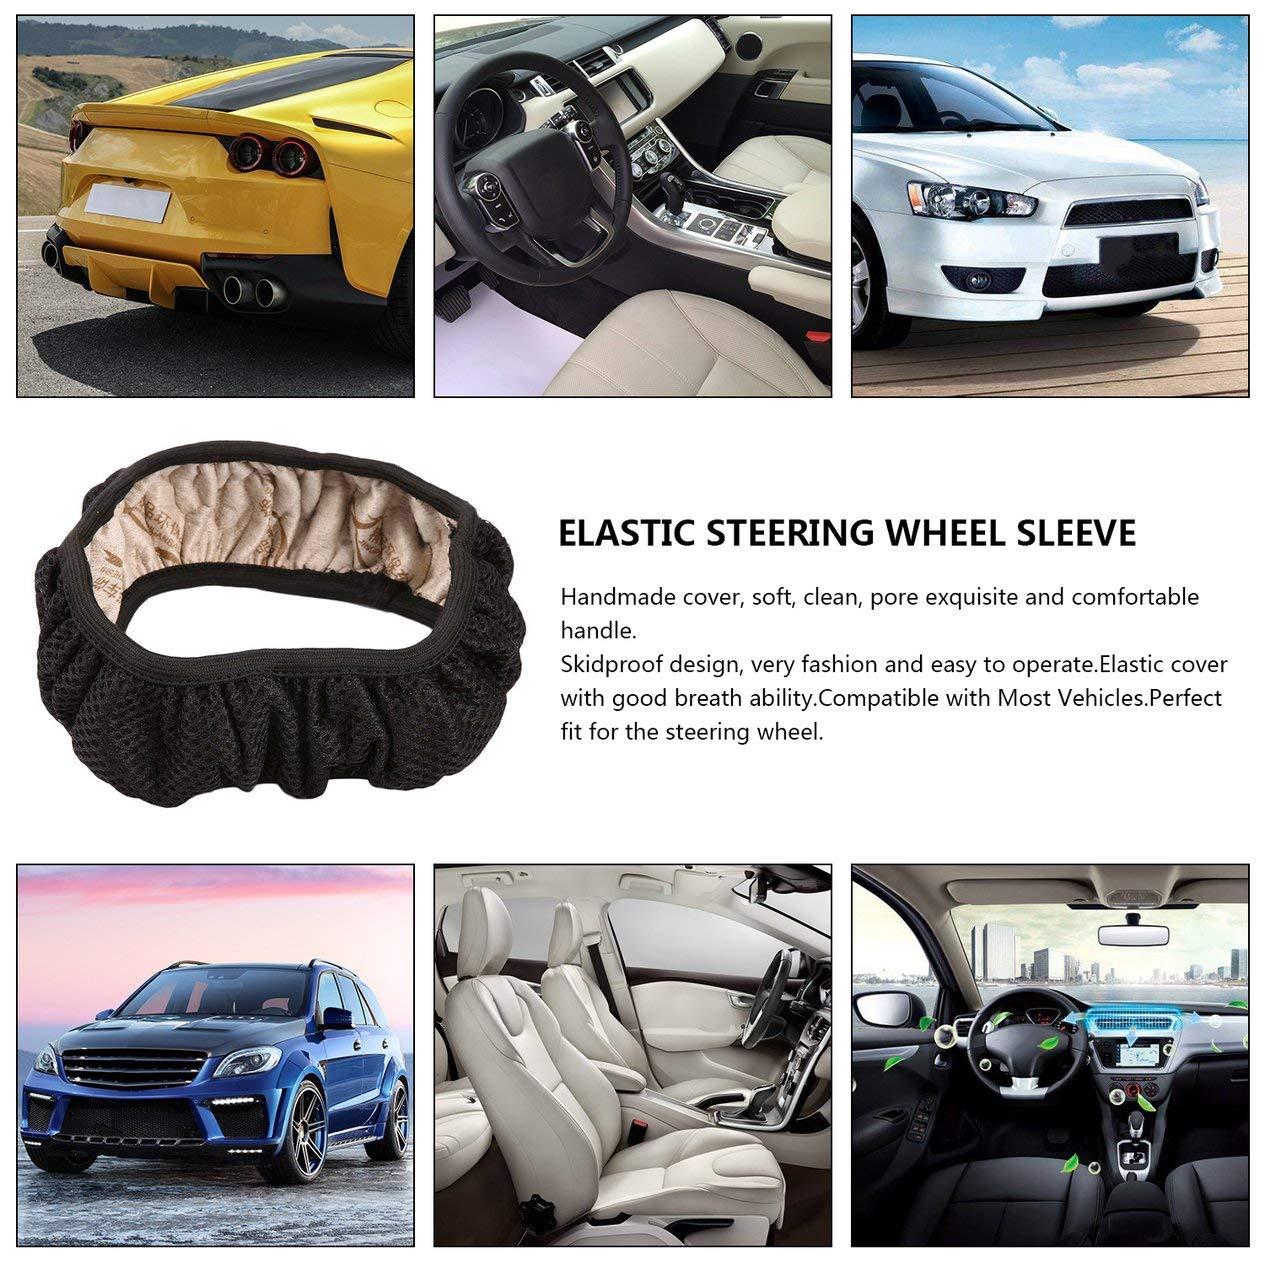 para decoraci/ón de veh/ículos hecha a mano antideslizante alta elasticidad EdBerk74 Funda universal antideslizante para volante de coche